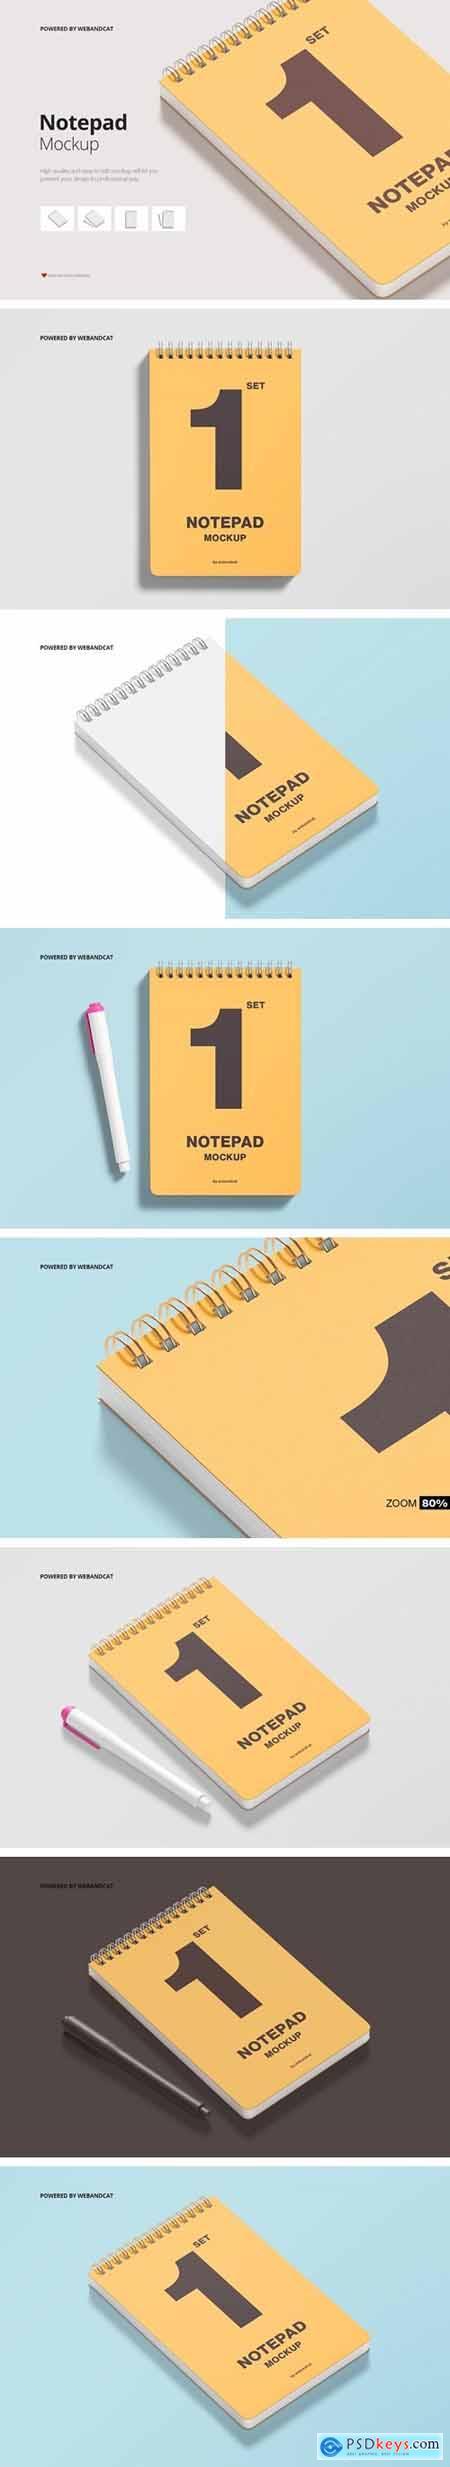 Sketchbook - Notepad Mockup